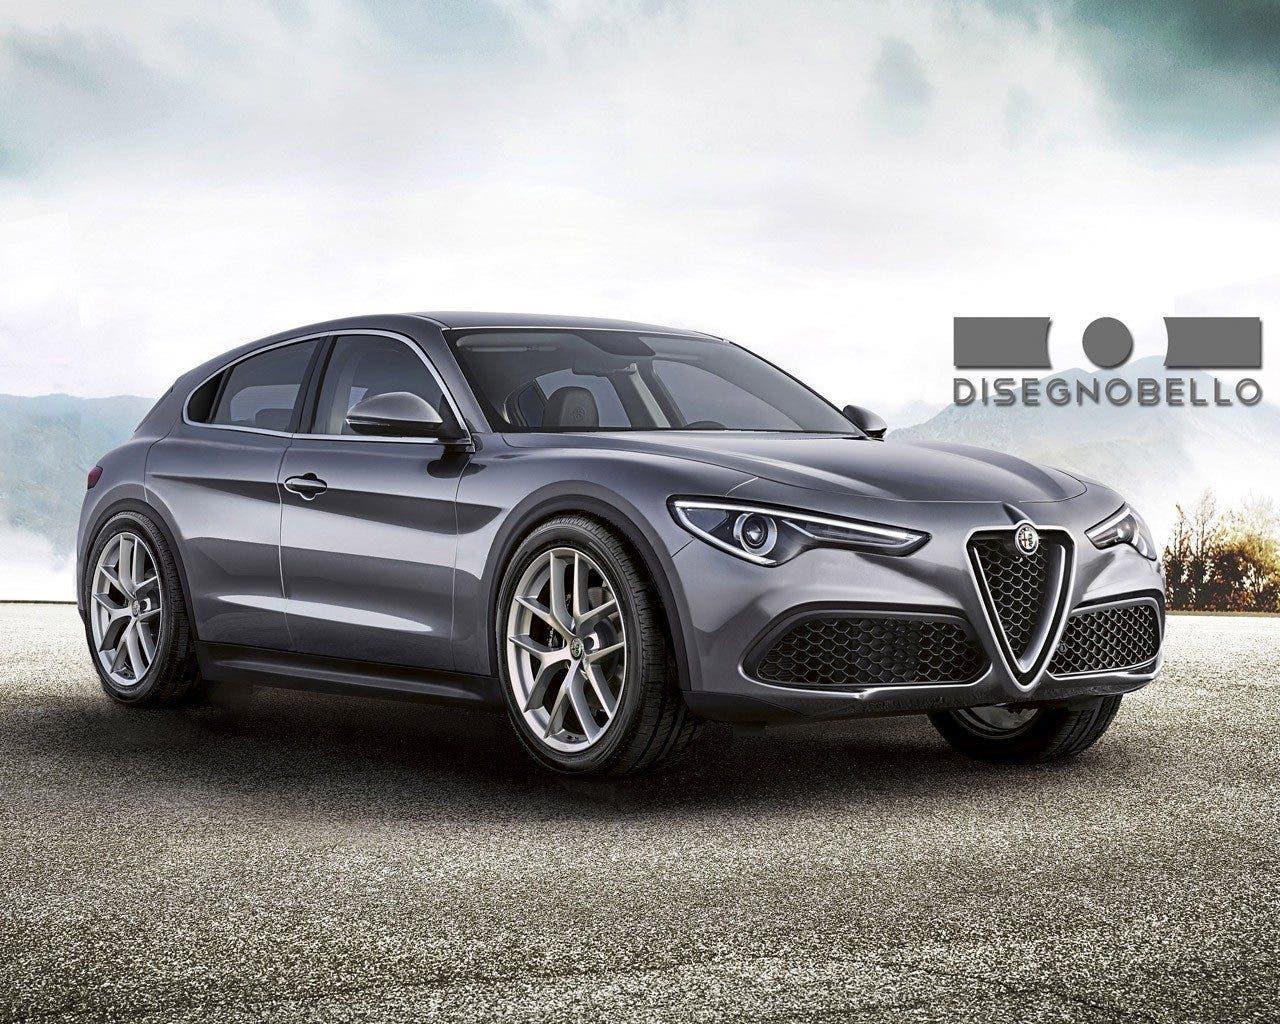 Nuova Alfa Giulietta 2018 >> Nuova Alfa Romeo Giulietta: arriva solo in versione crossover?